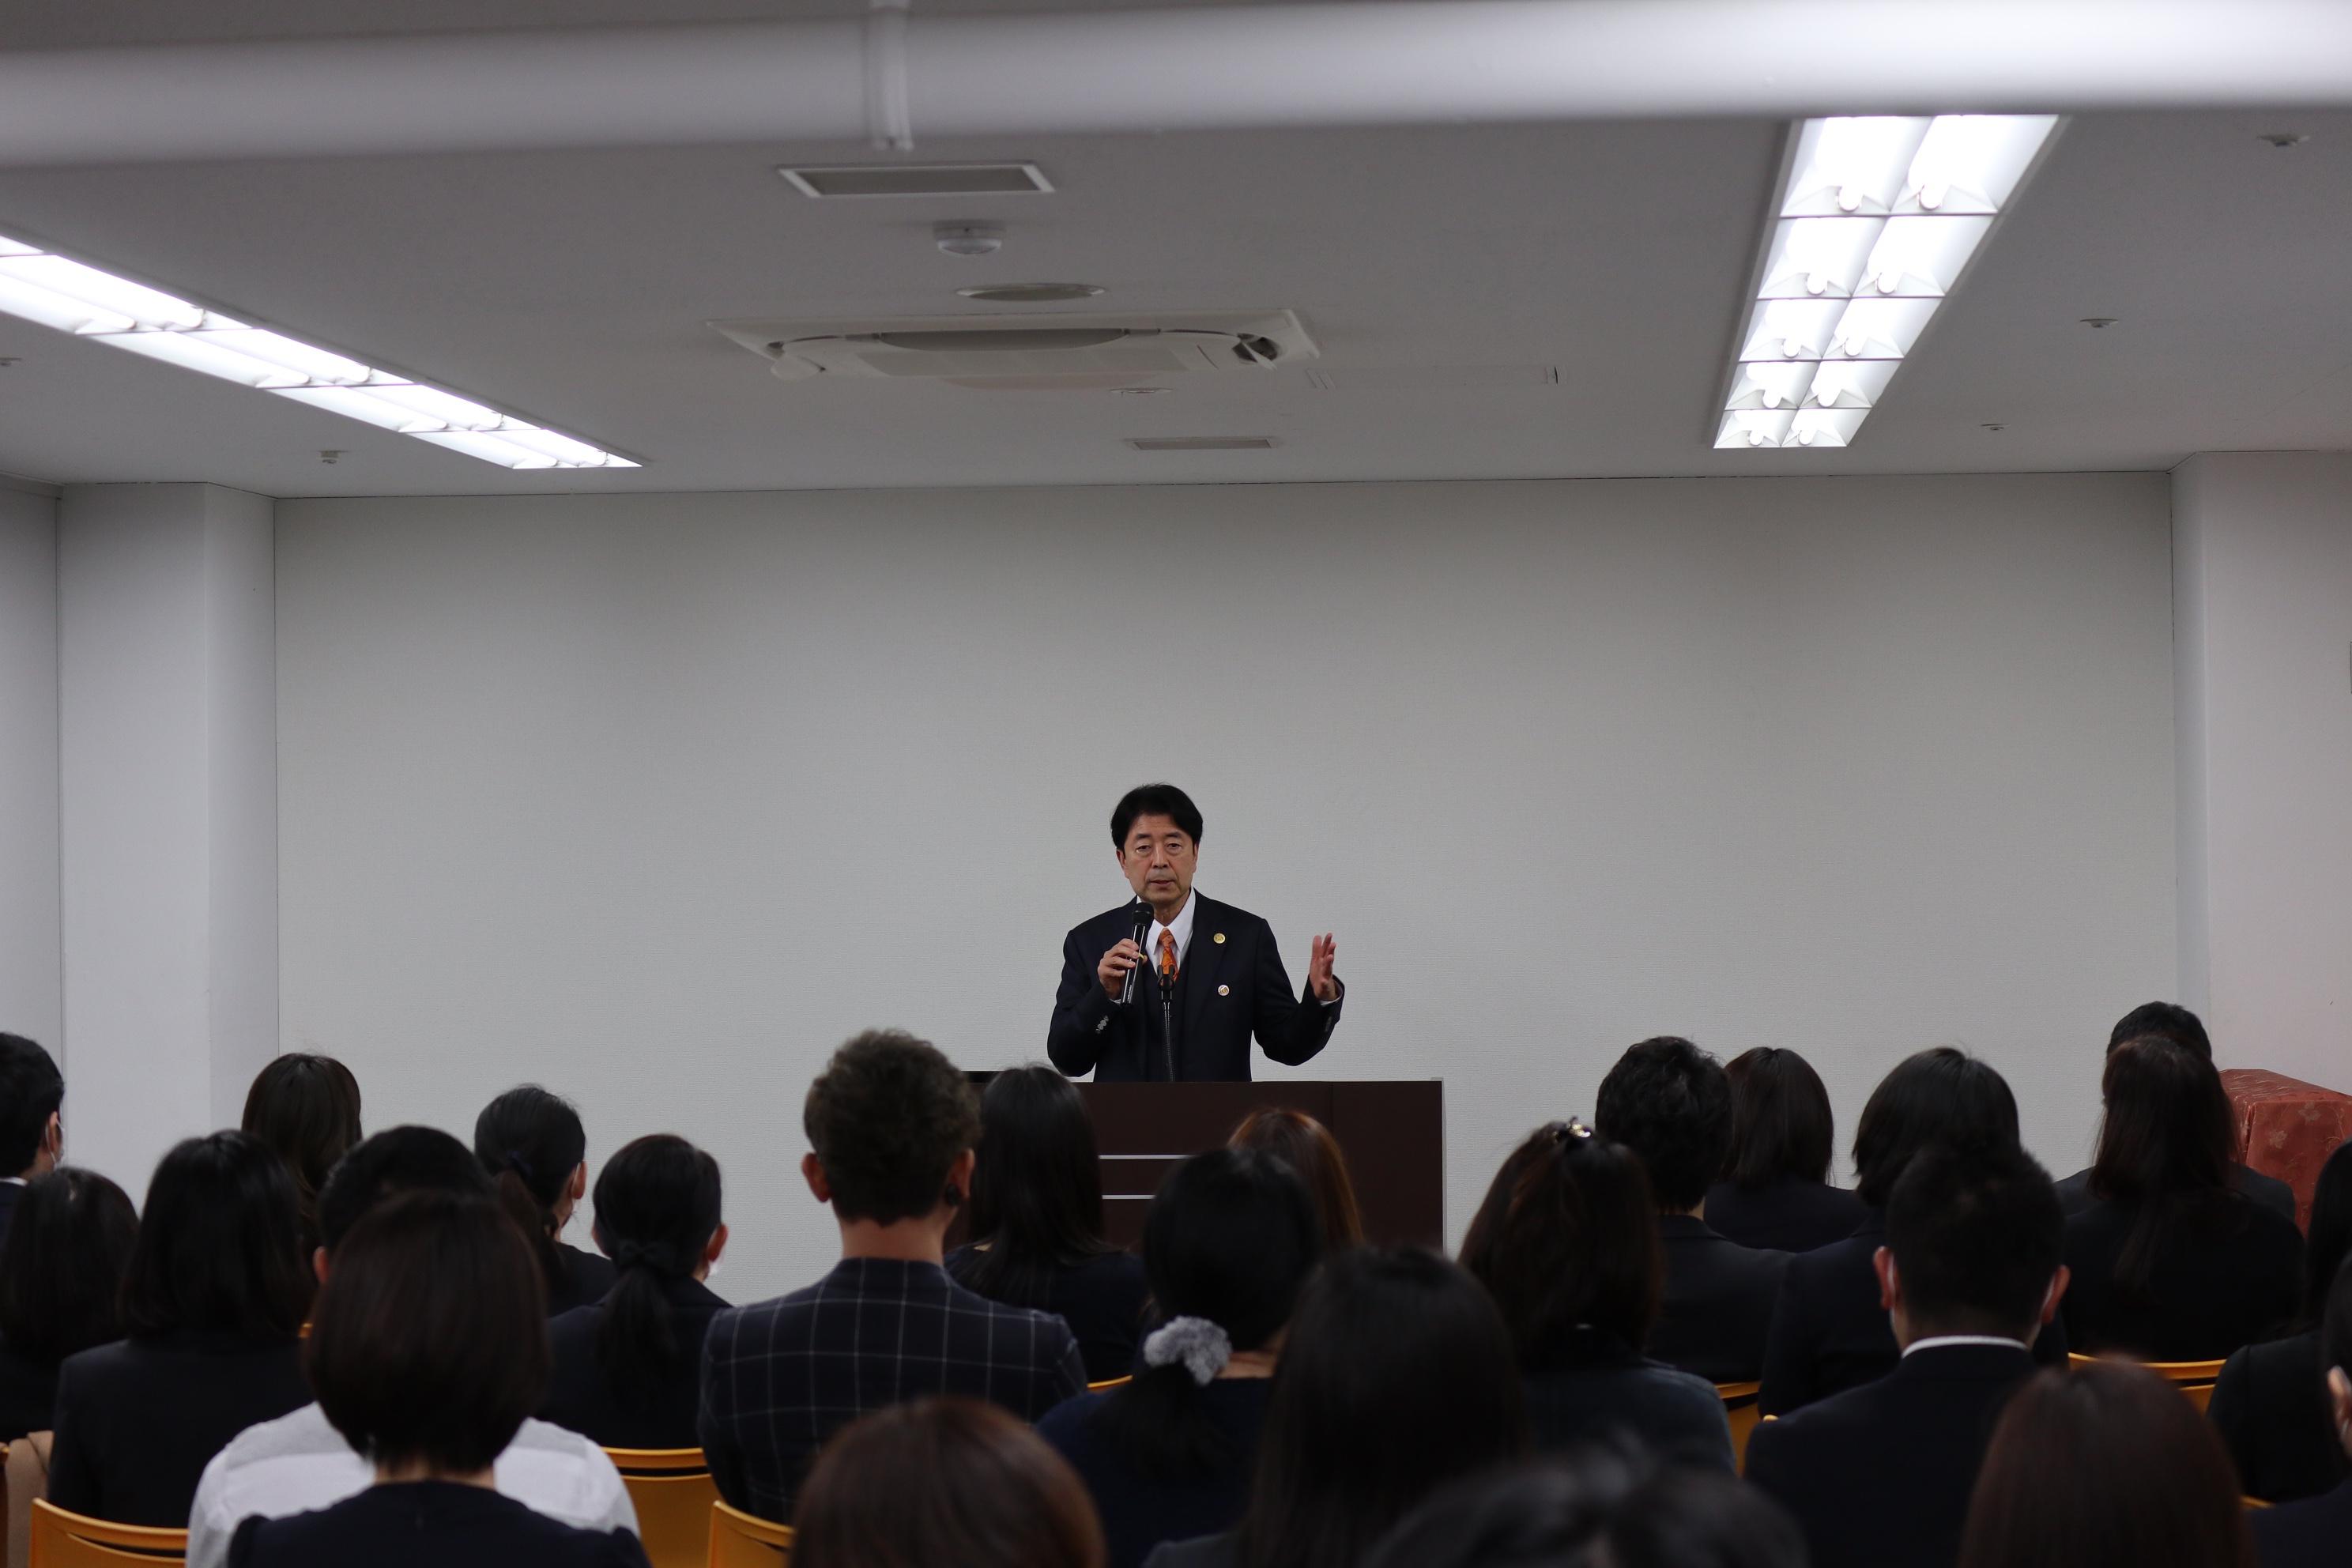 エコール・ドゥ・アンファン理事長 安田 龍男 講演の様子